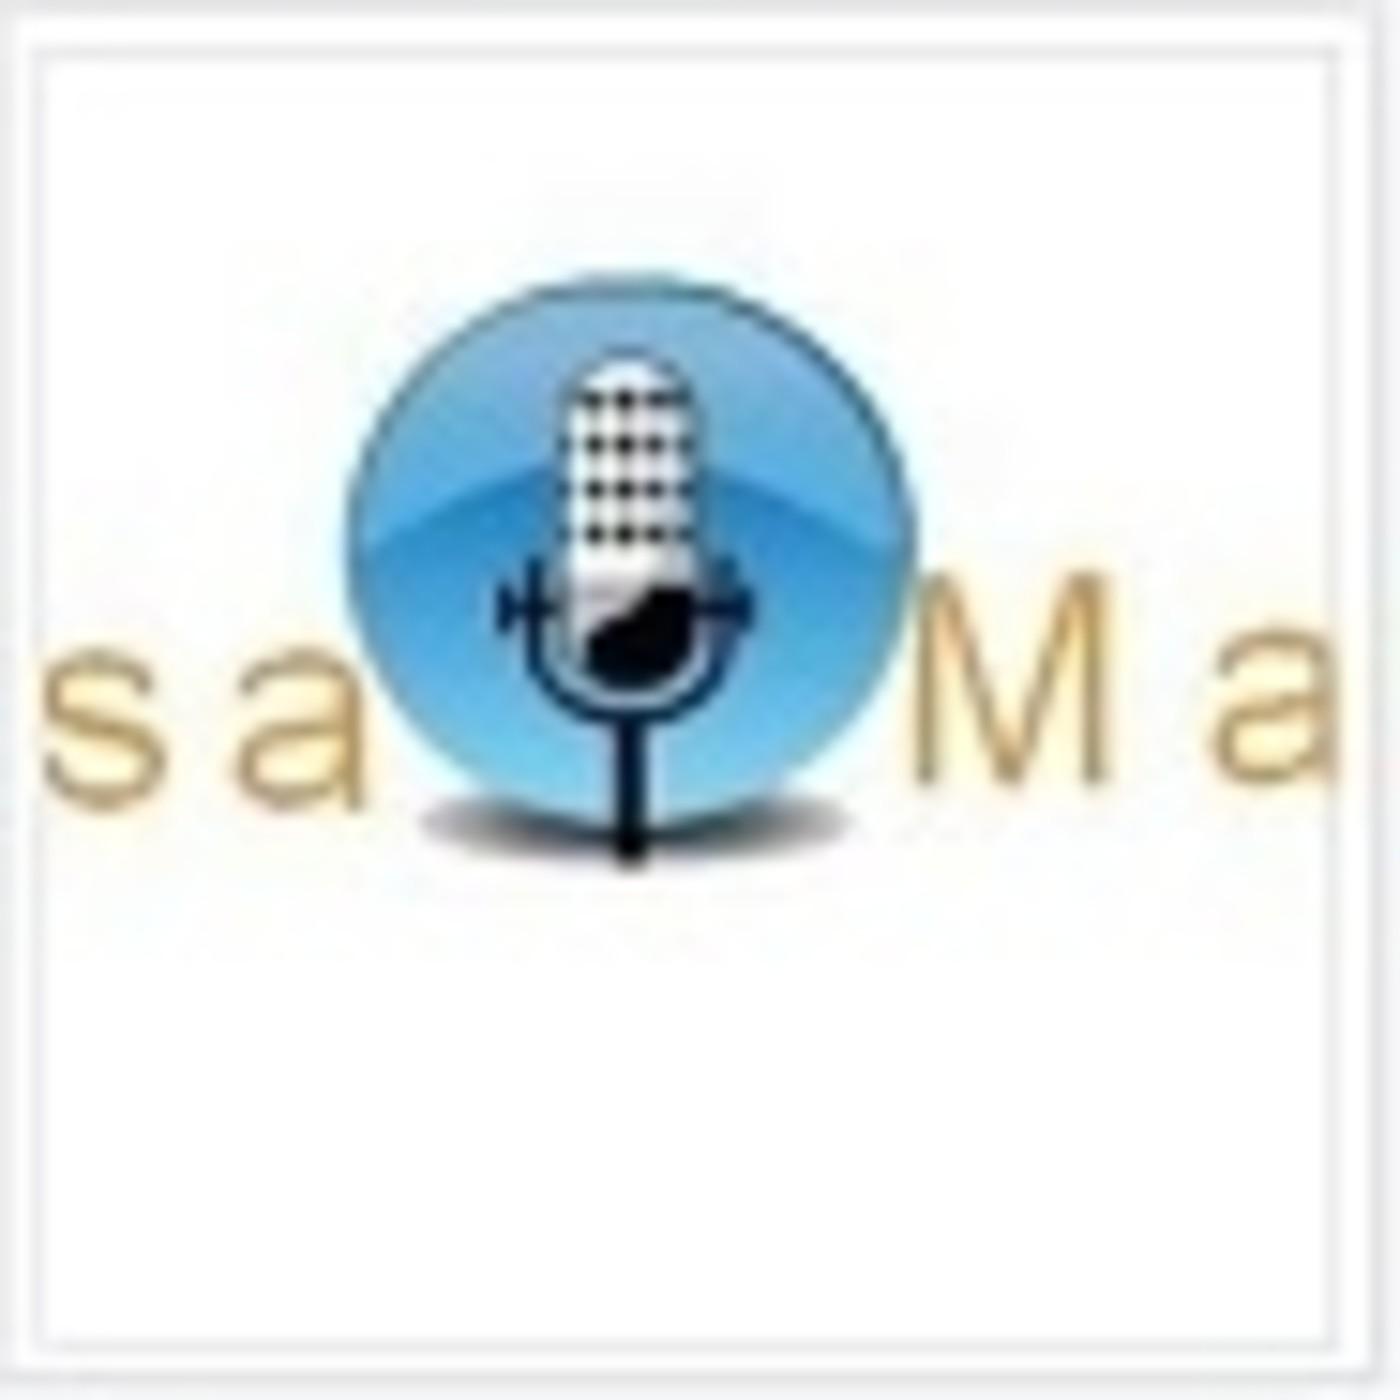 SALSAMANIA-AR